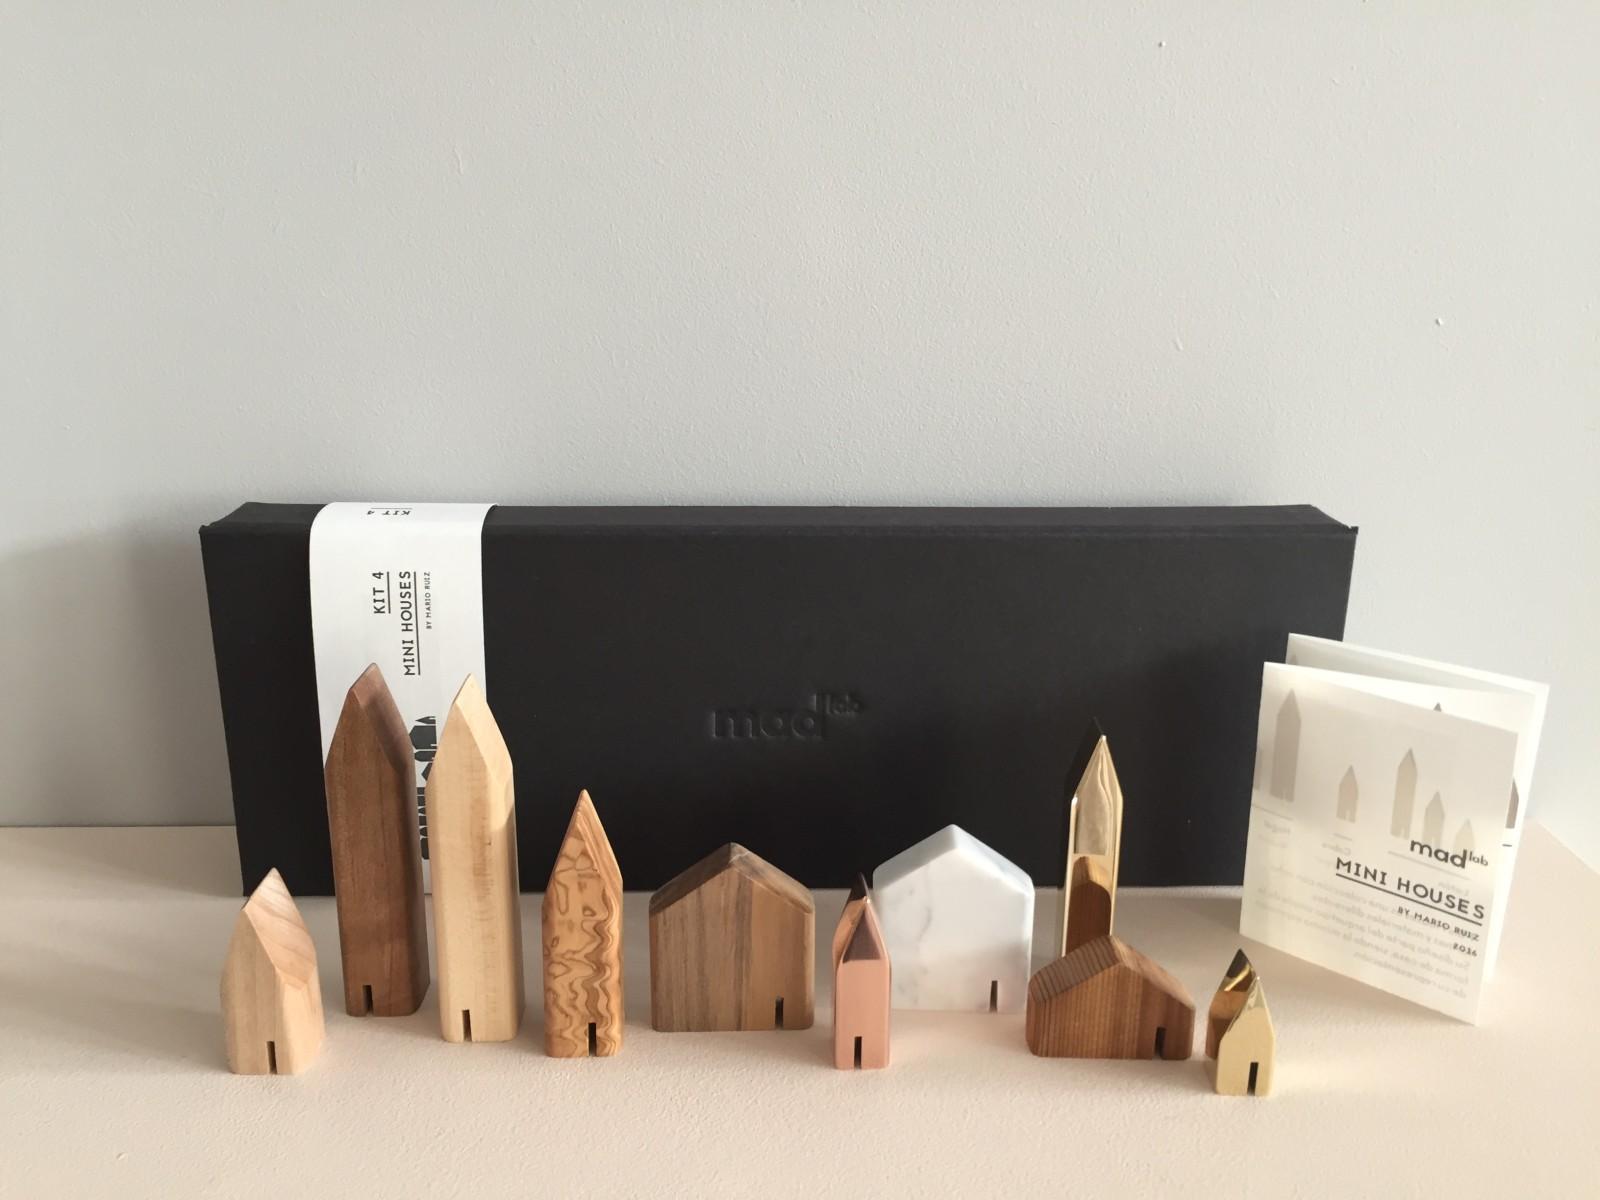 Miniature Houses Mini Houses